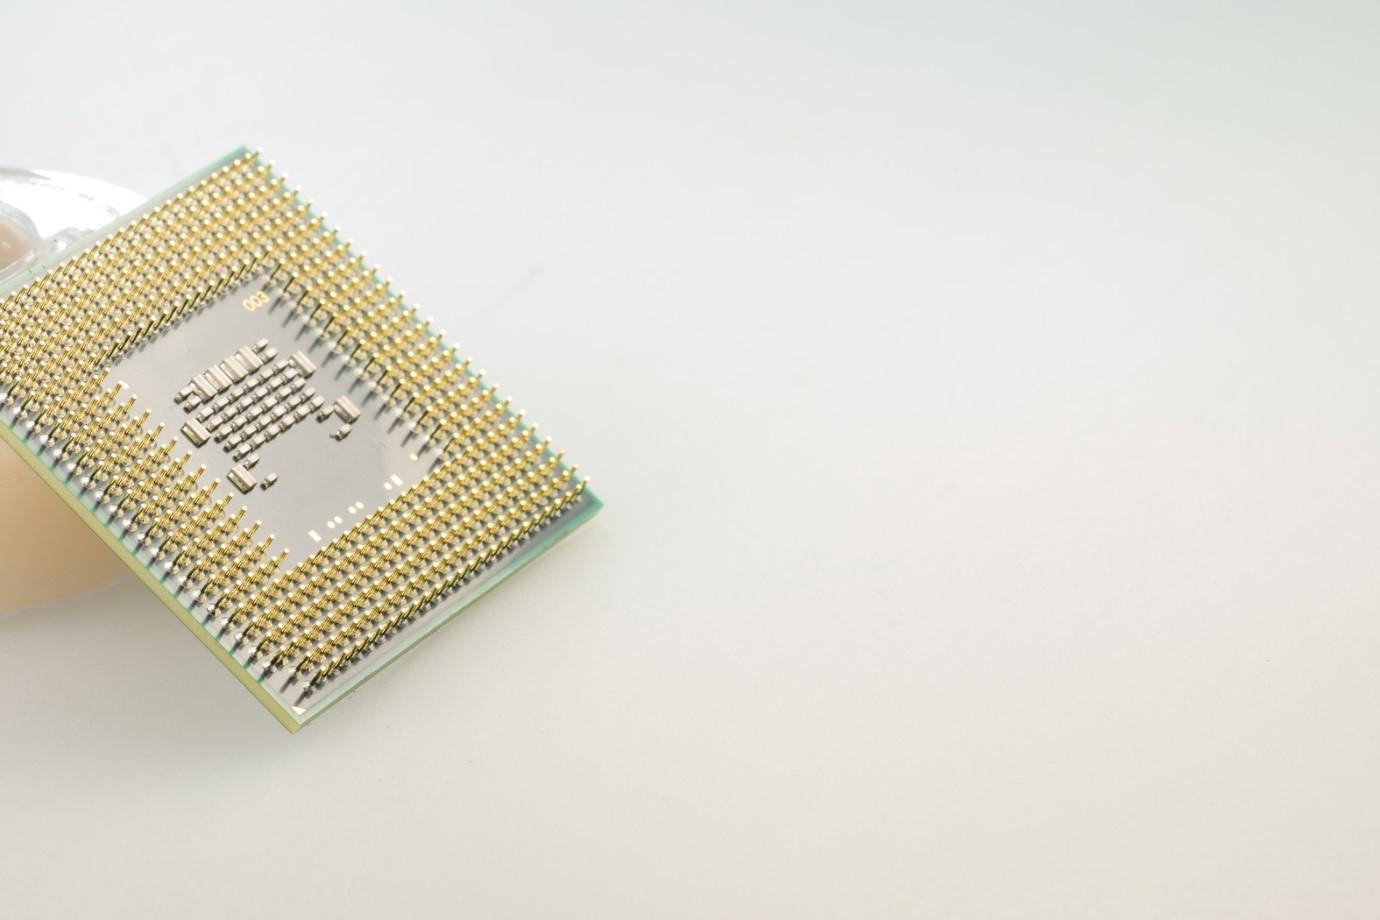 Охладить CPU в ЦОД — поможет лазерная 3D-печать - 2